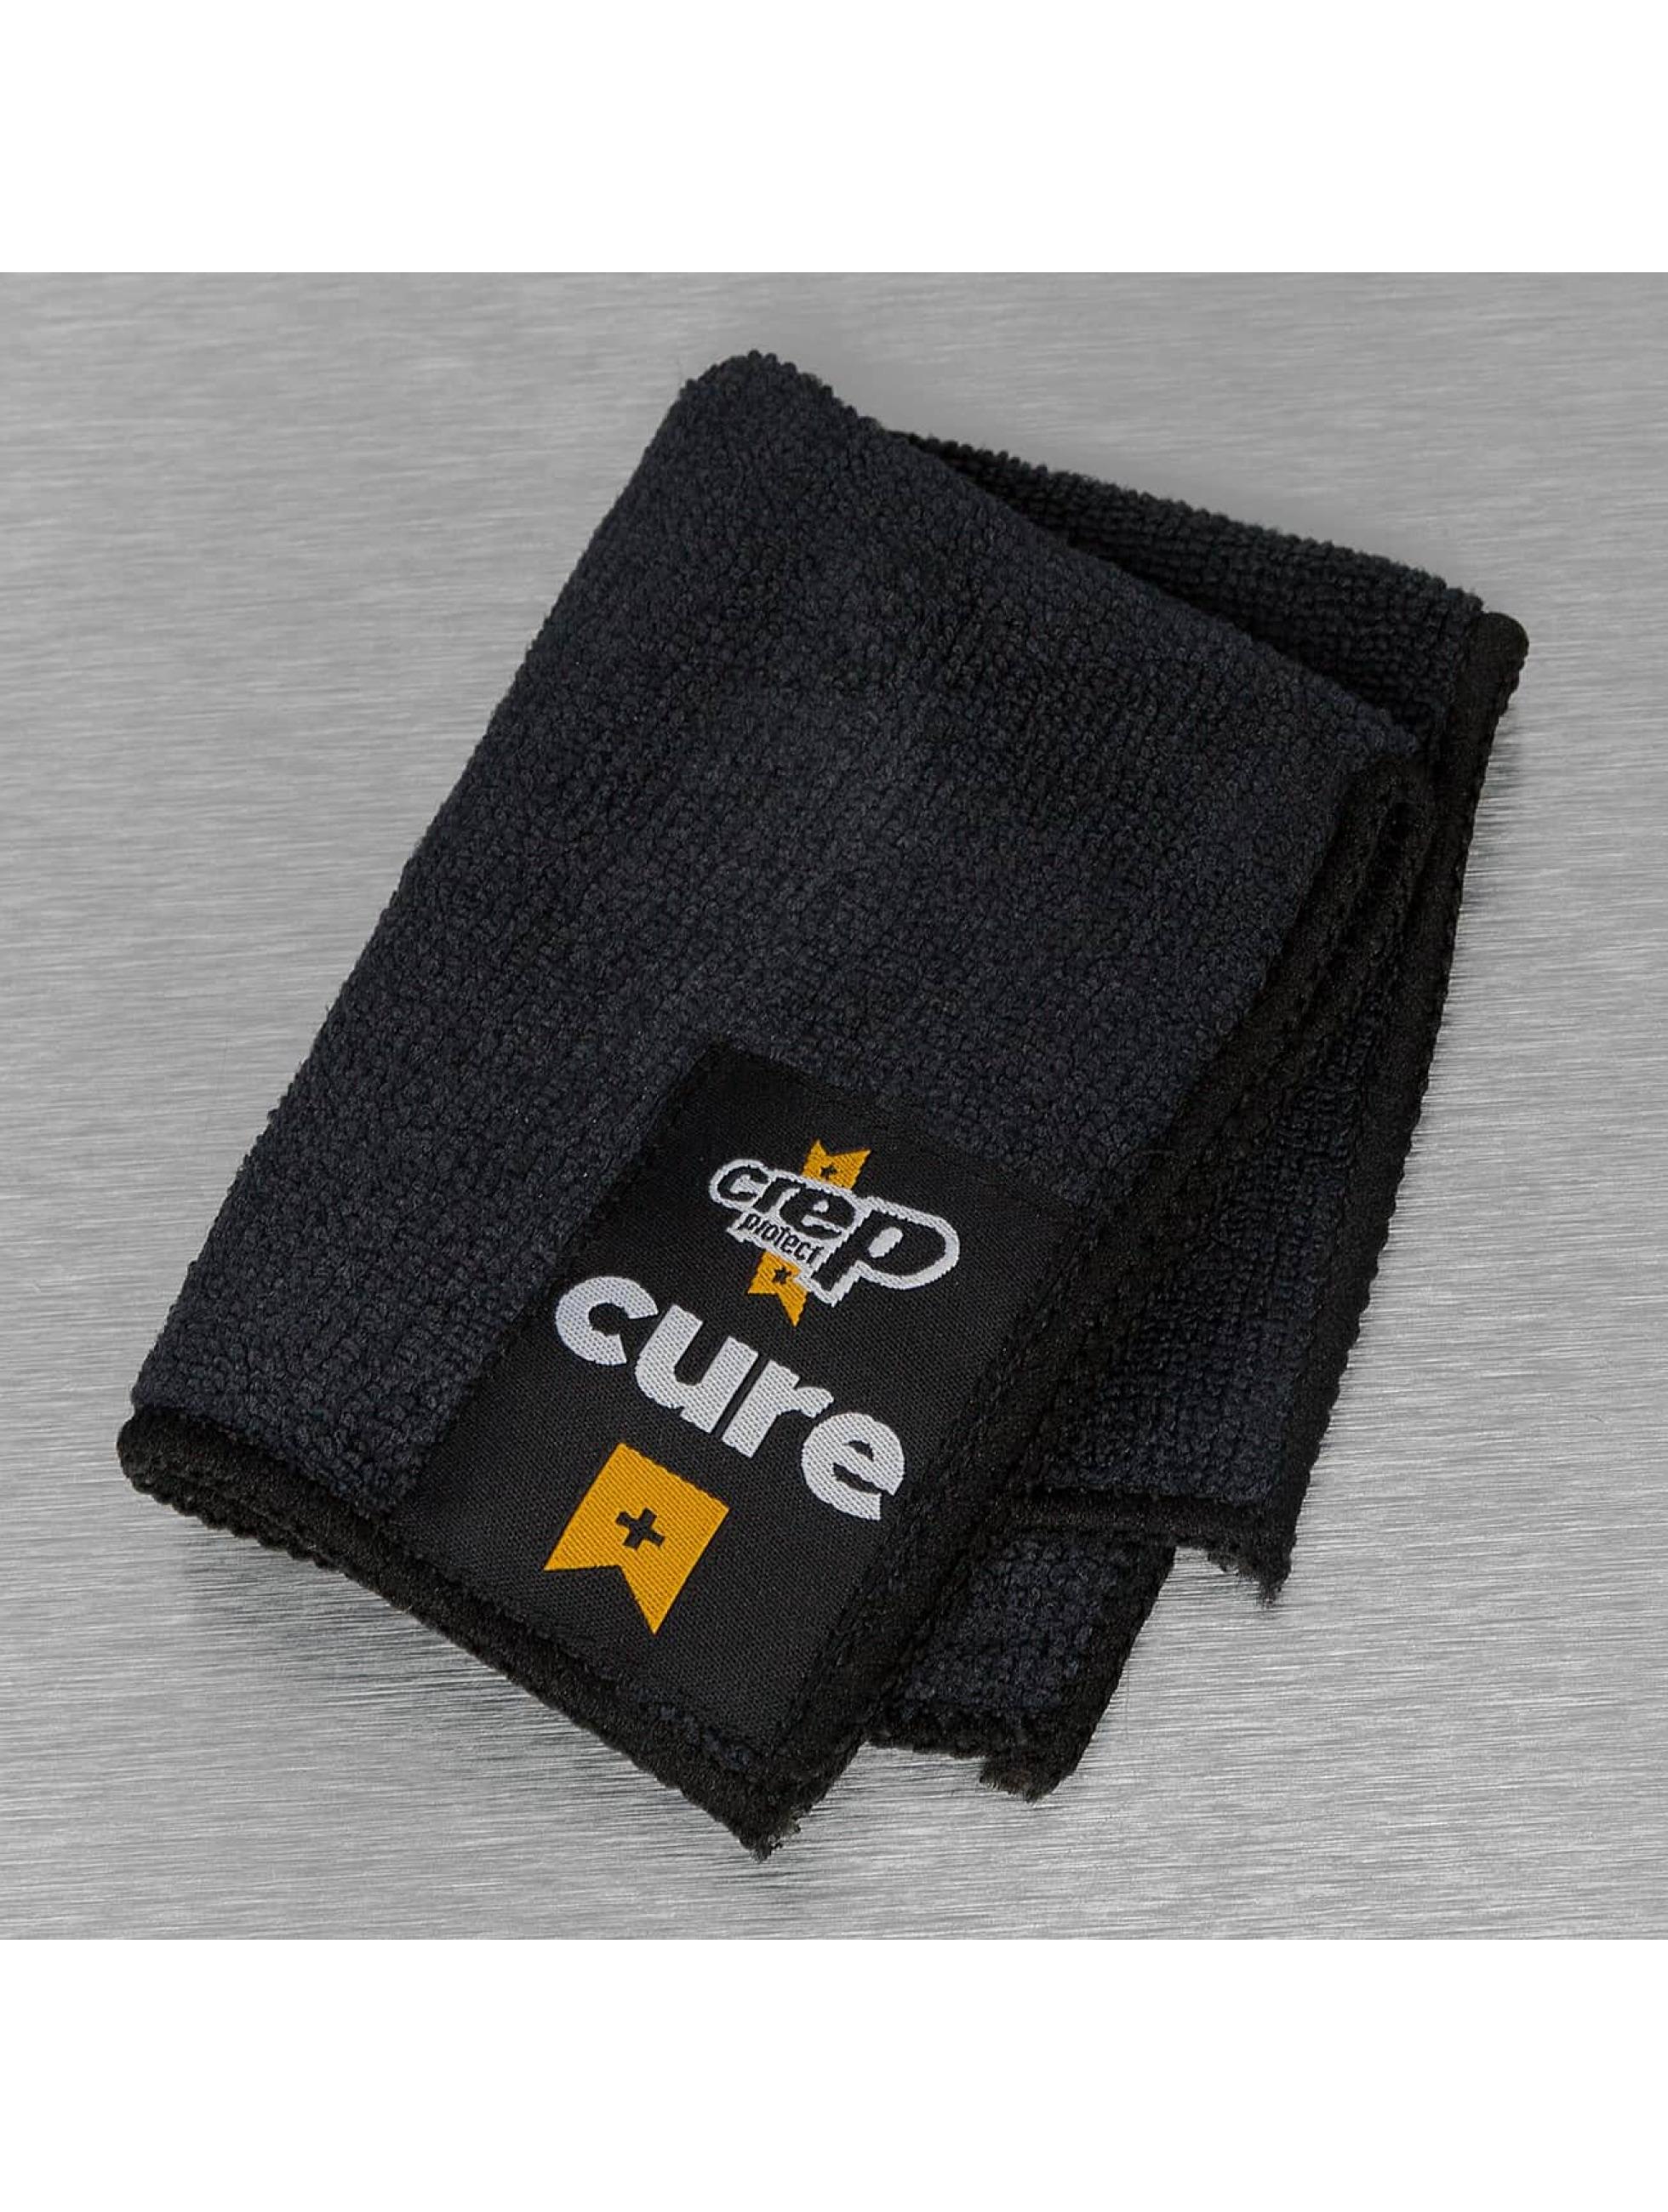 Crep Protect Autres Crep Cure noir